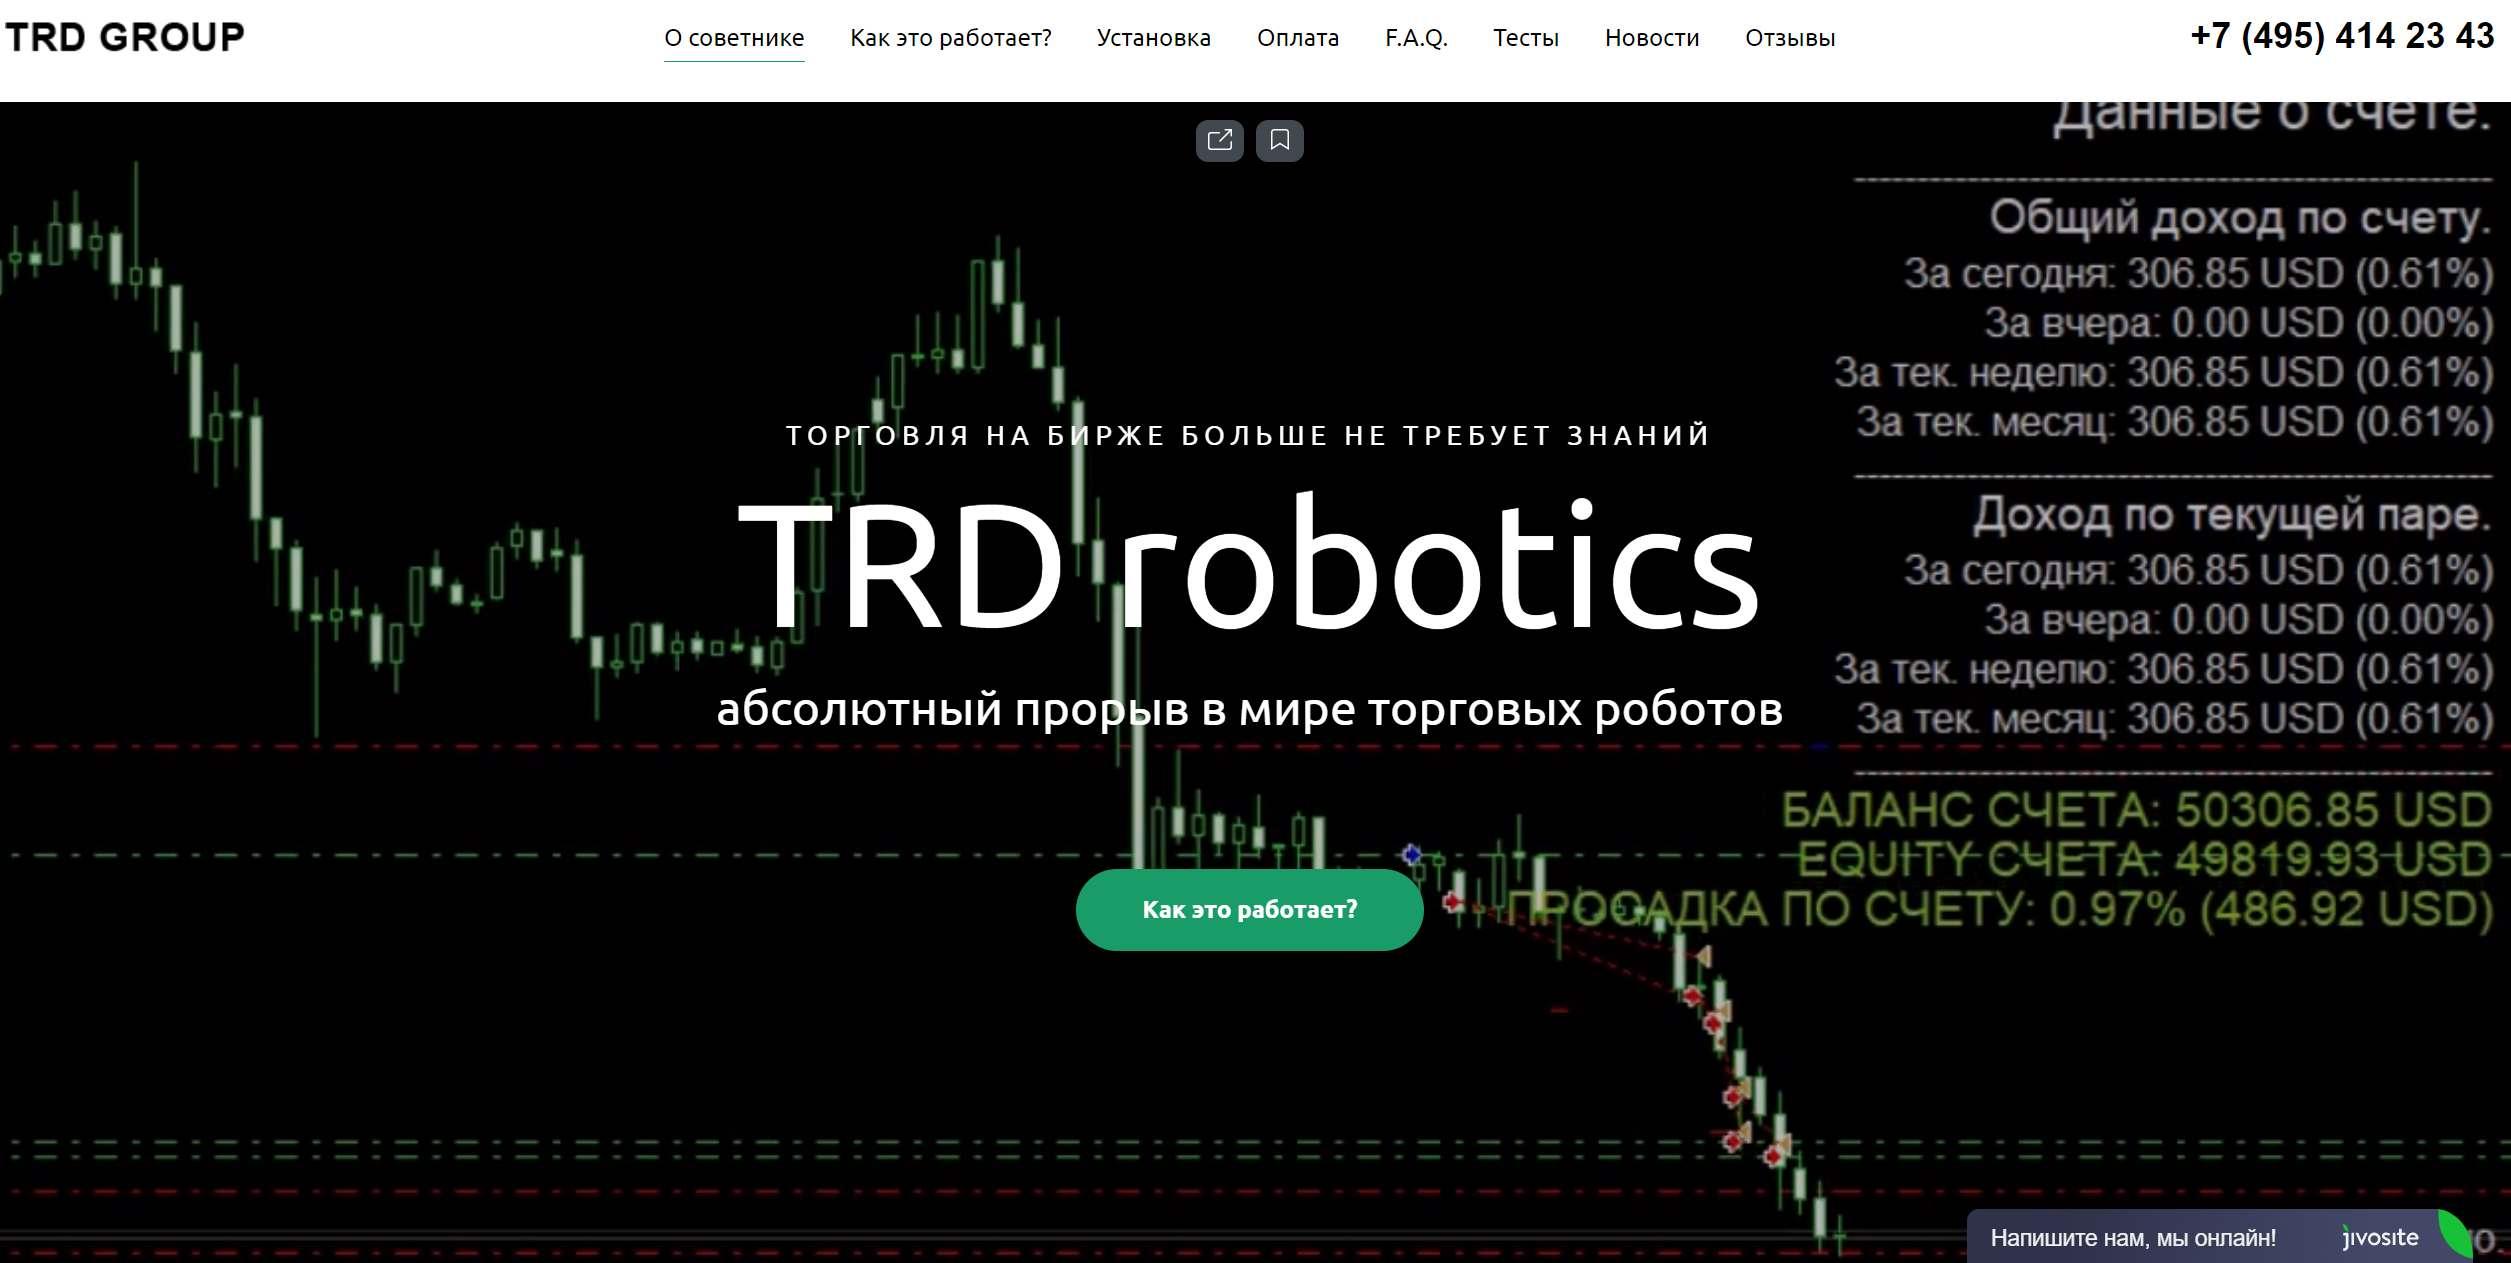 Обзор TRD Robotics - вы верите в сигналы для трейдинга? Мы не верим, это развод!